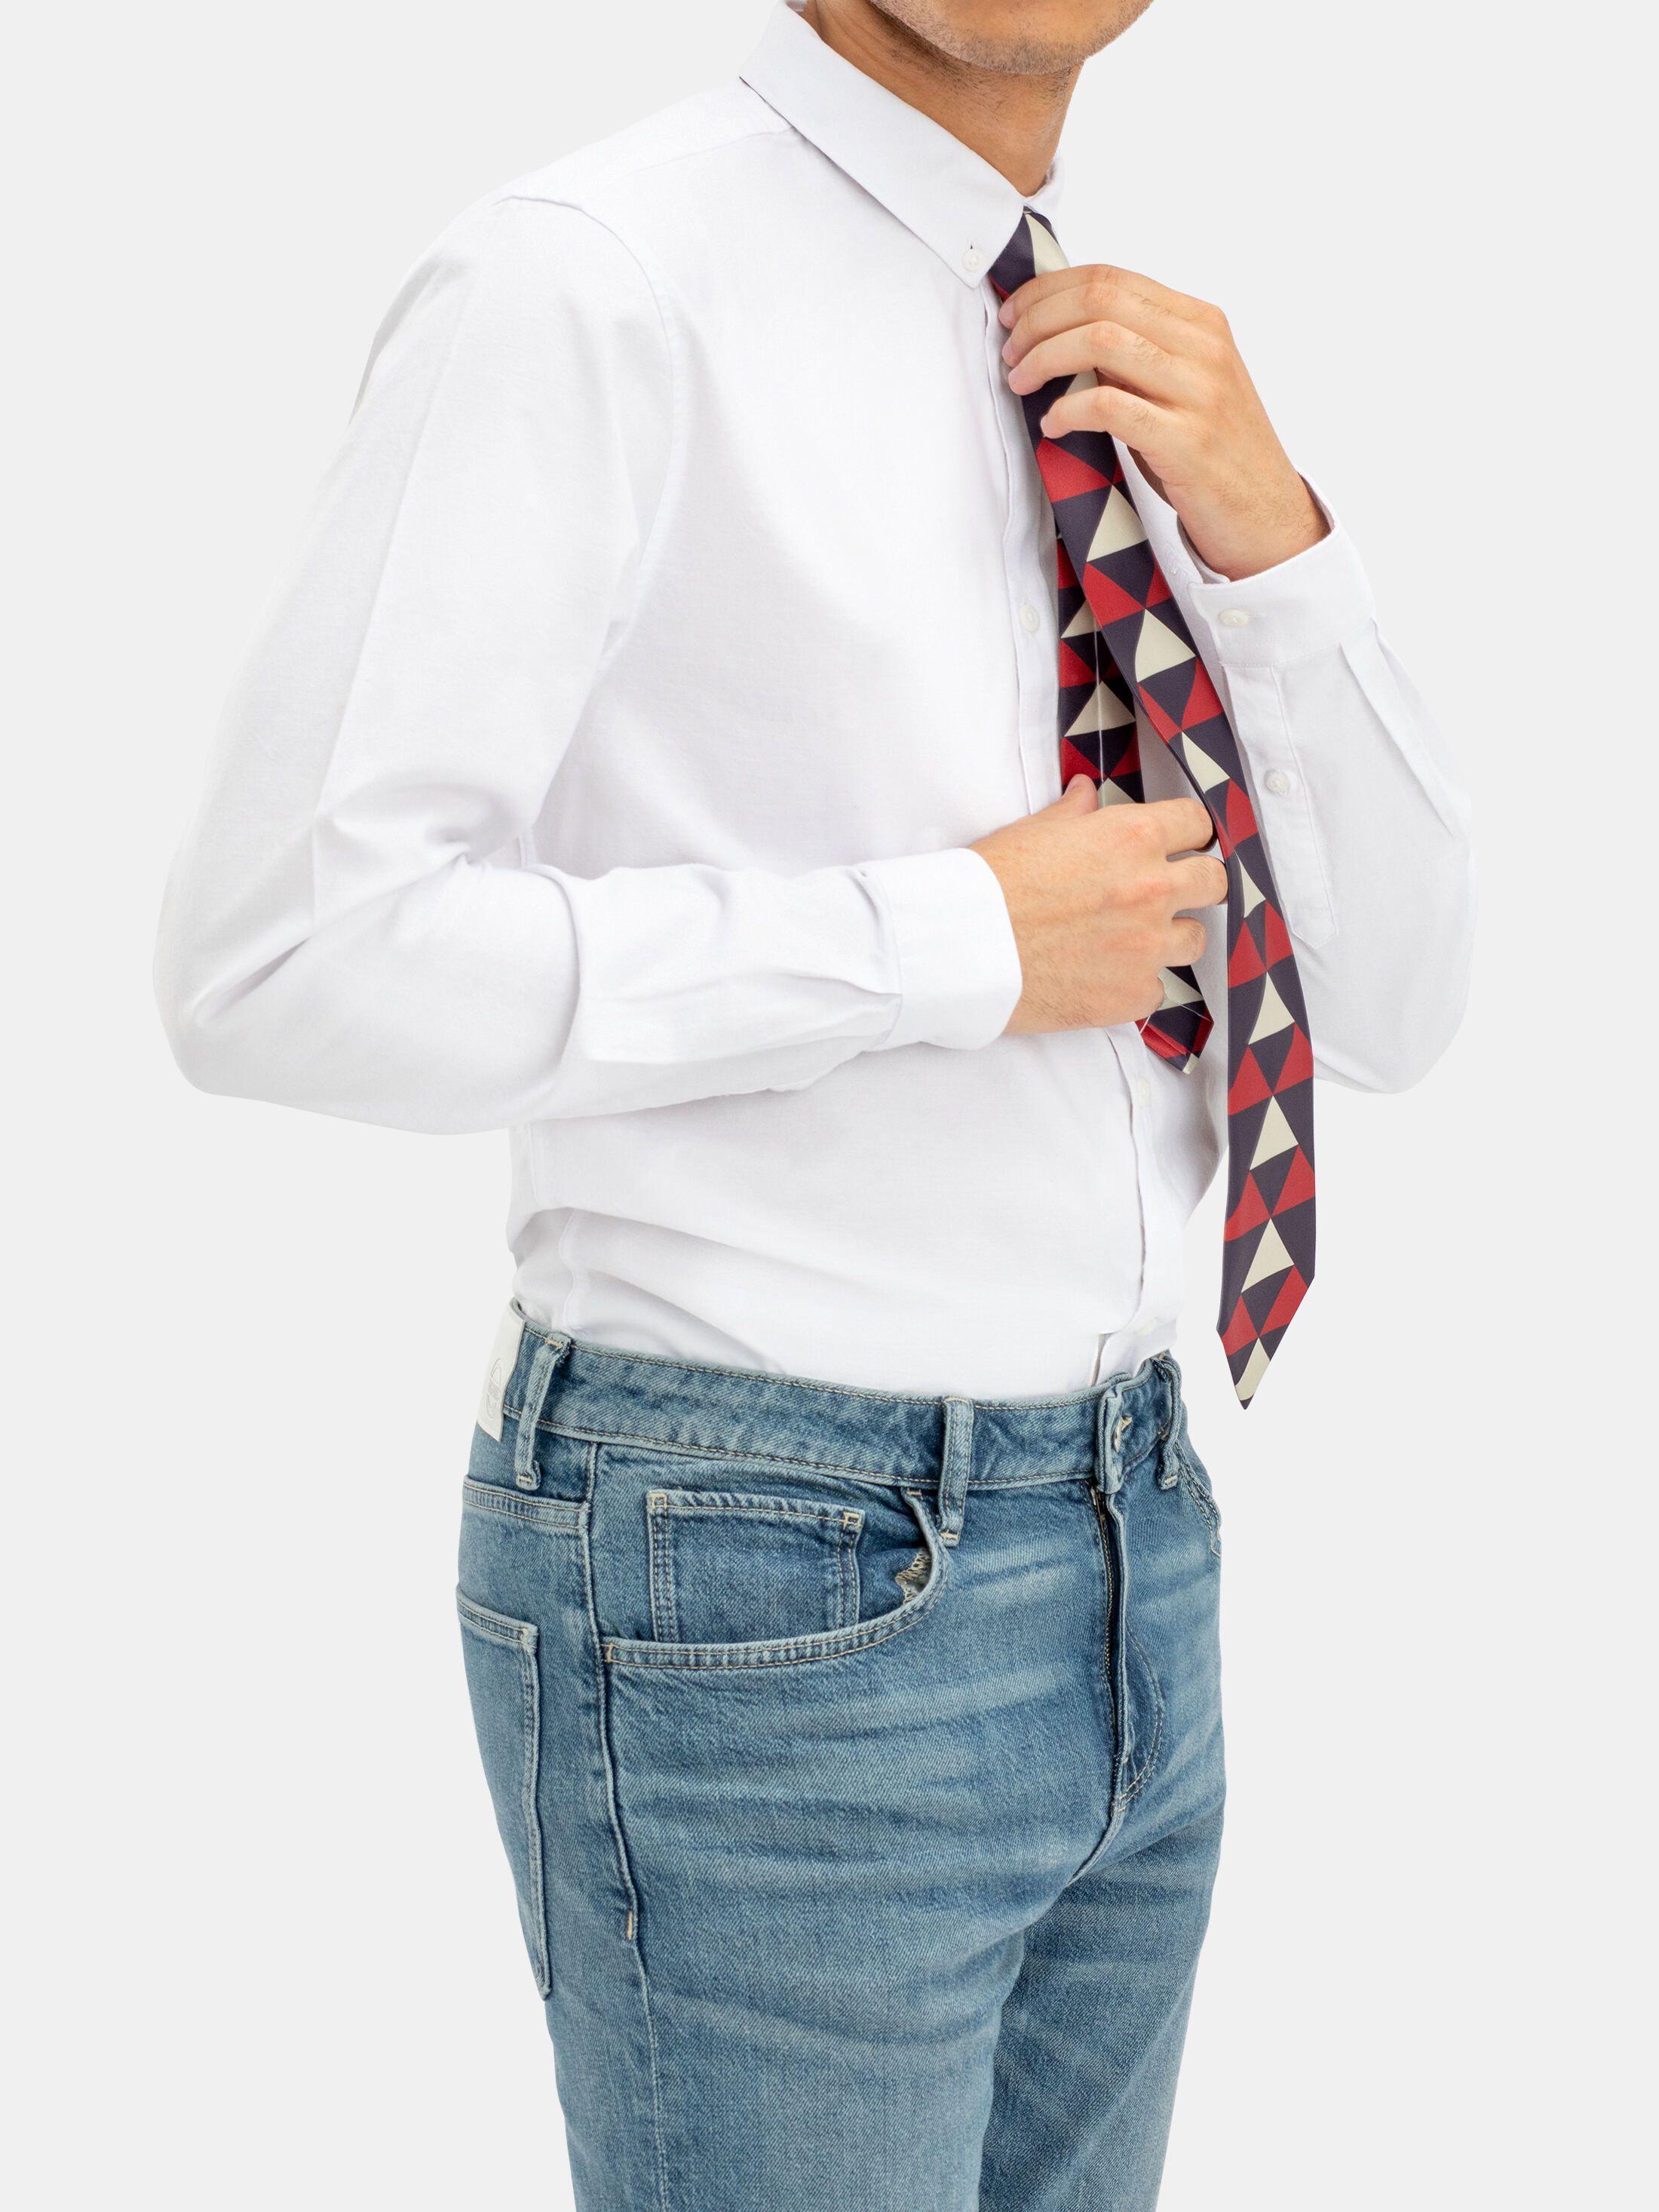 rückseite selbst gestaltete krawatte